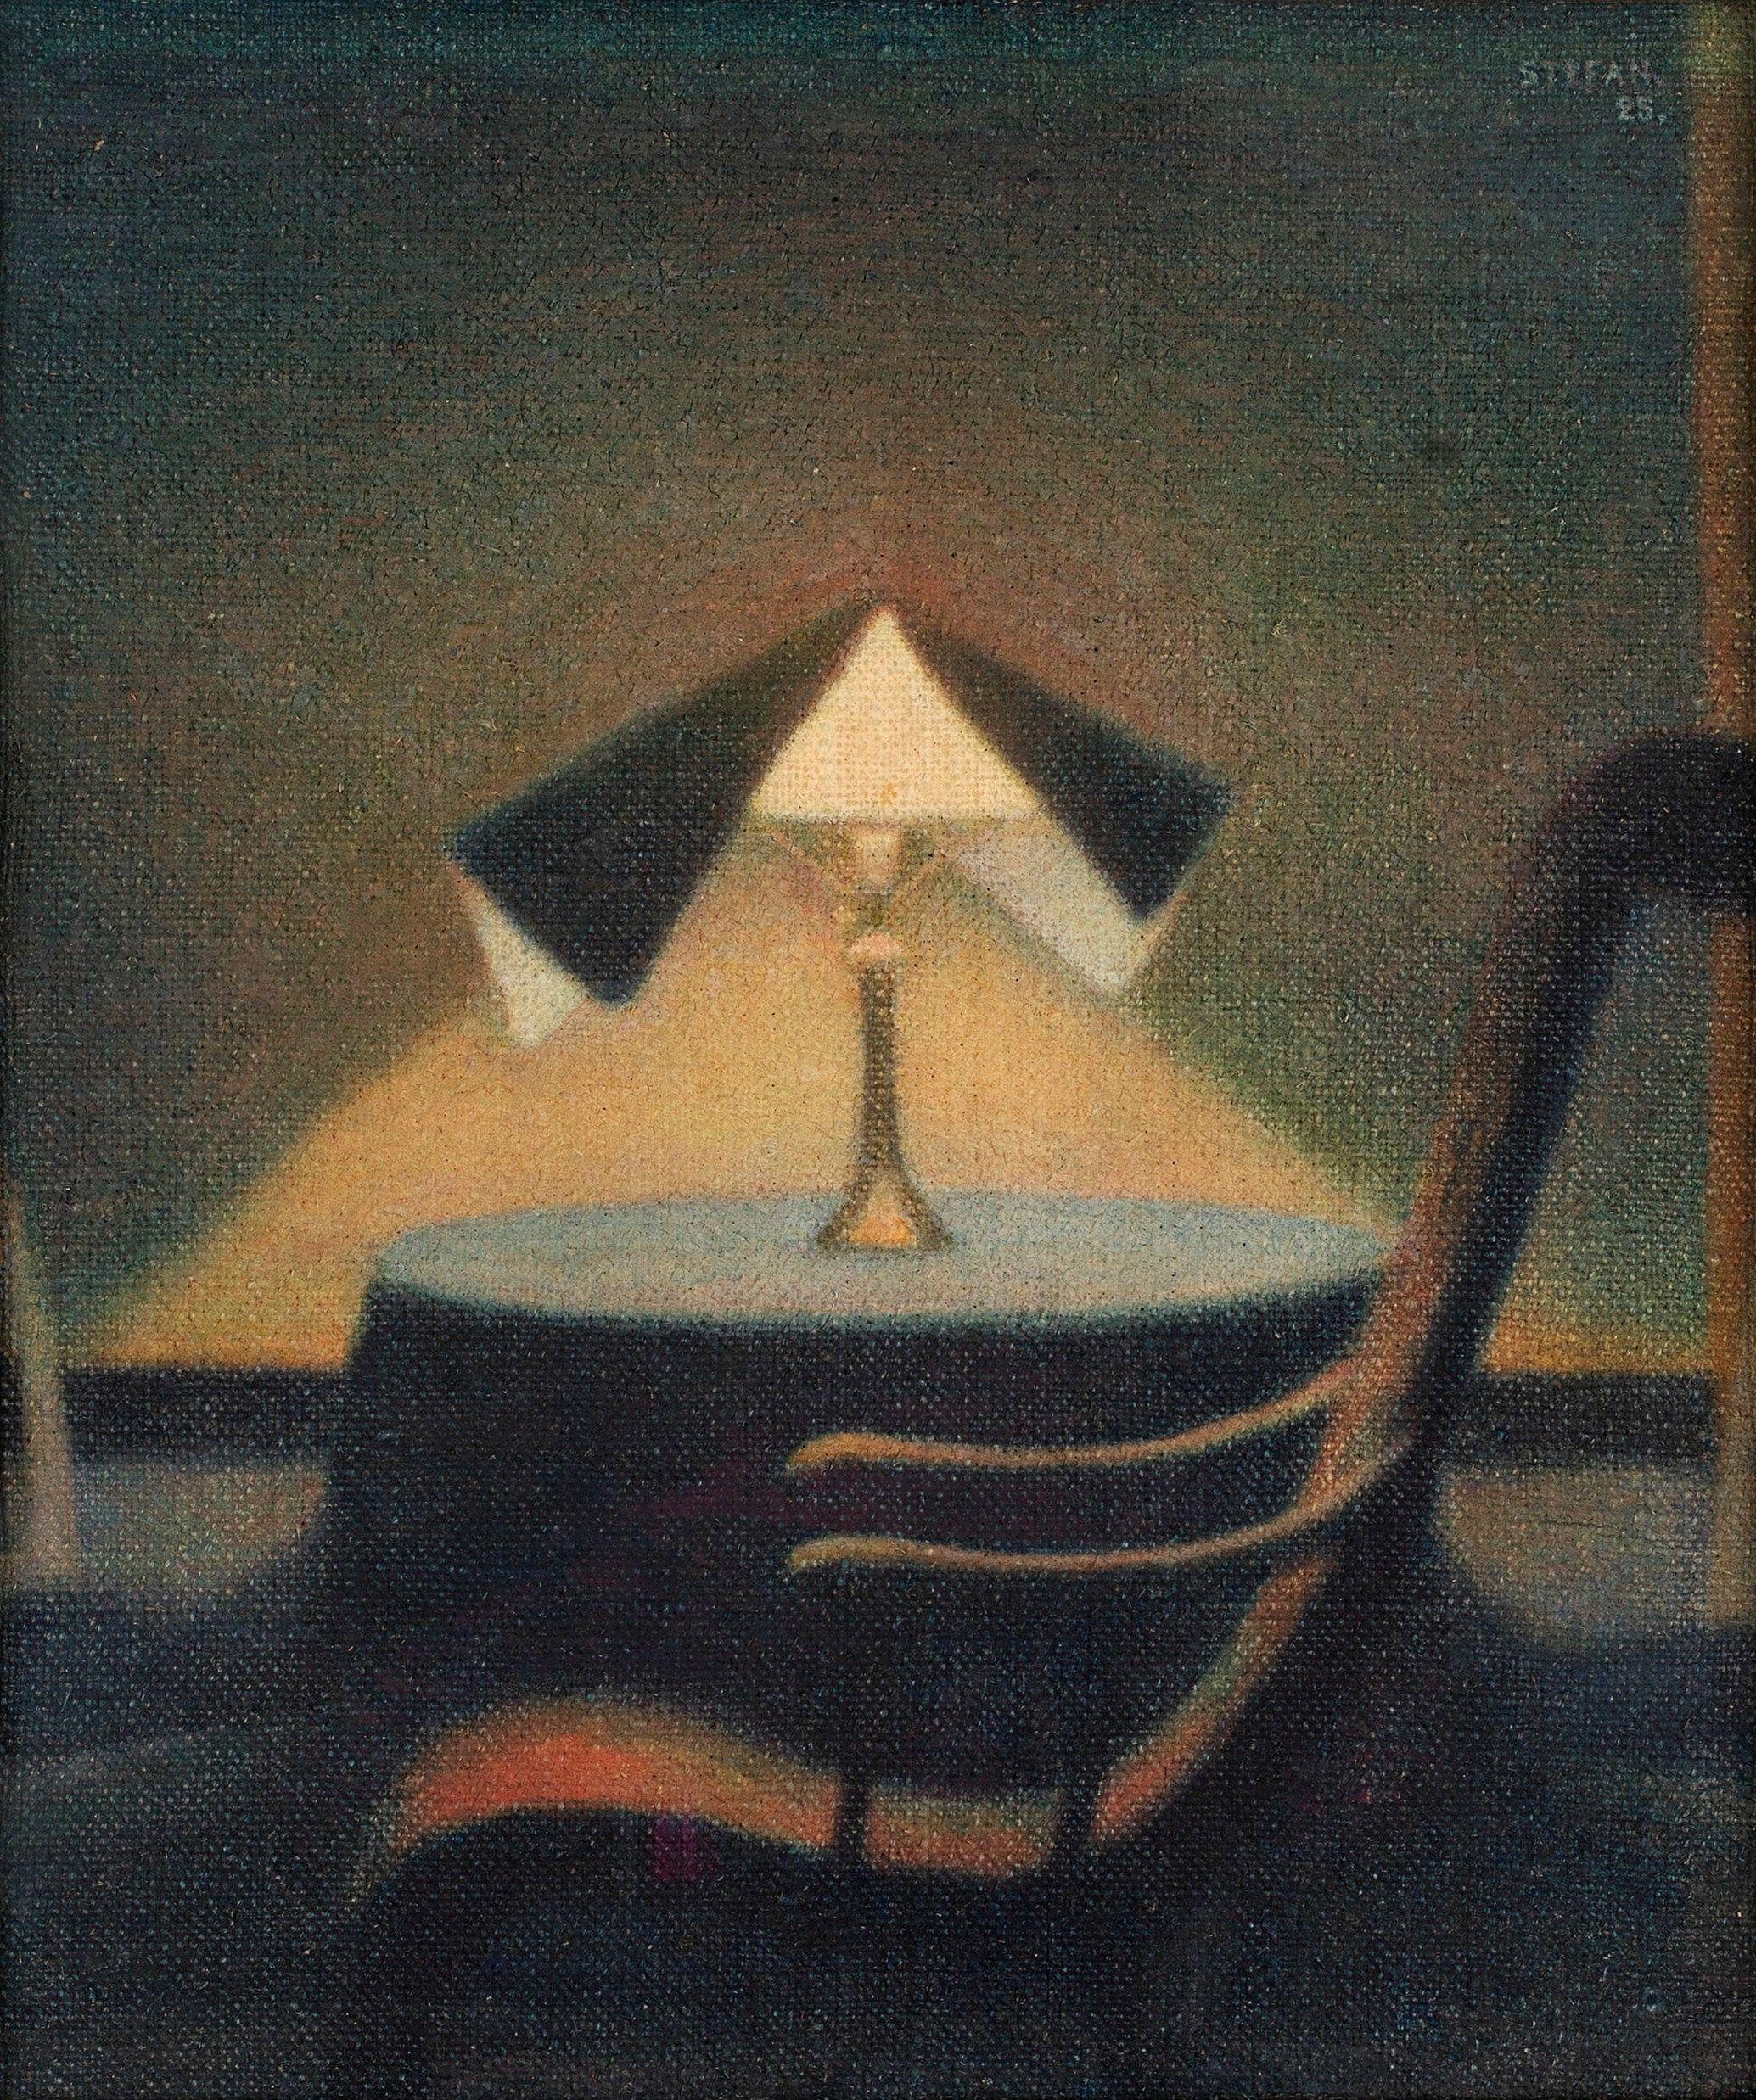 Stefan Johansson (Swedish, 1876-1955), In the light of the lamp, 1925..jpg